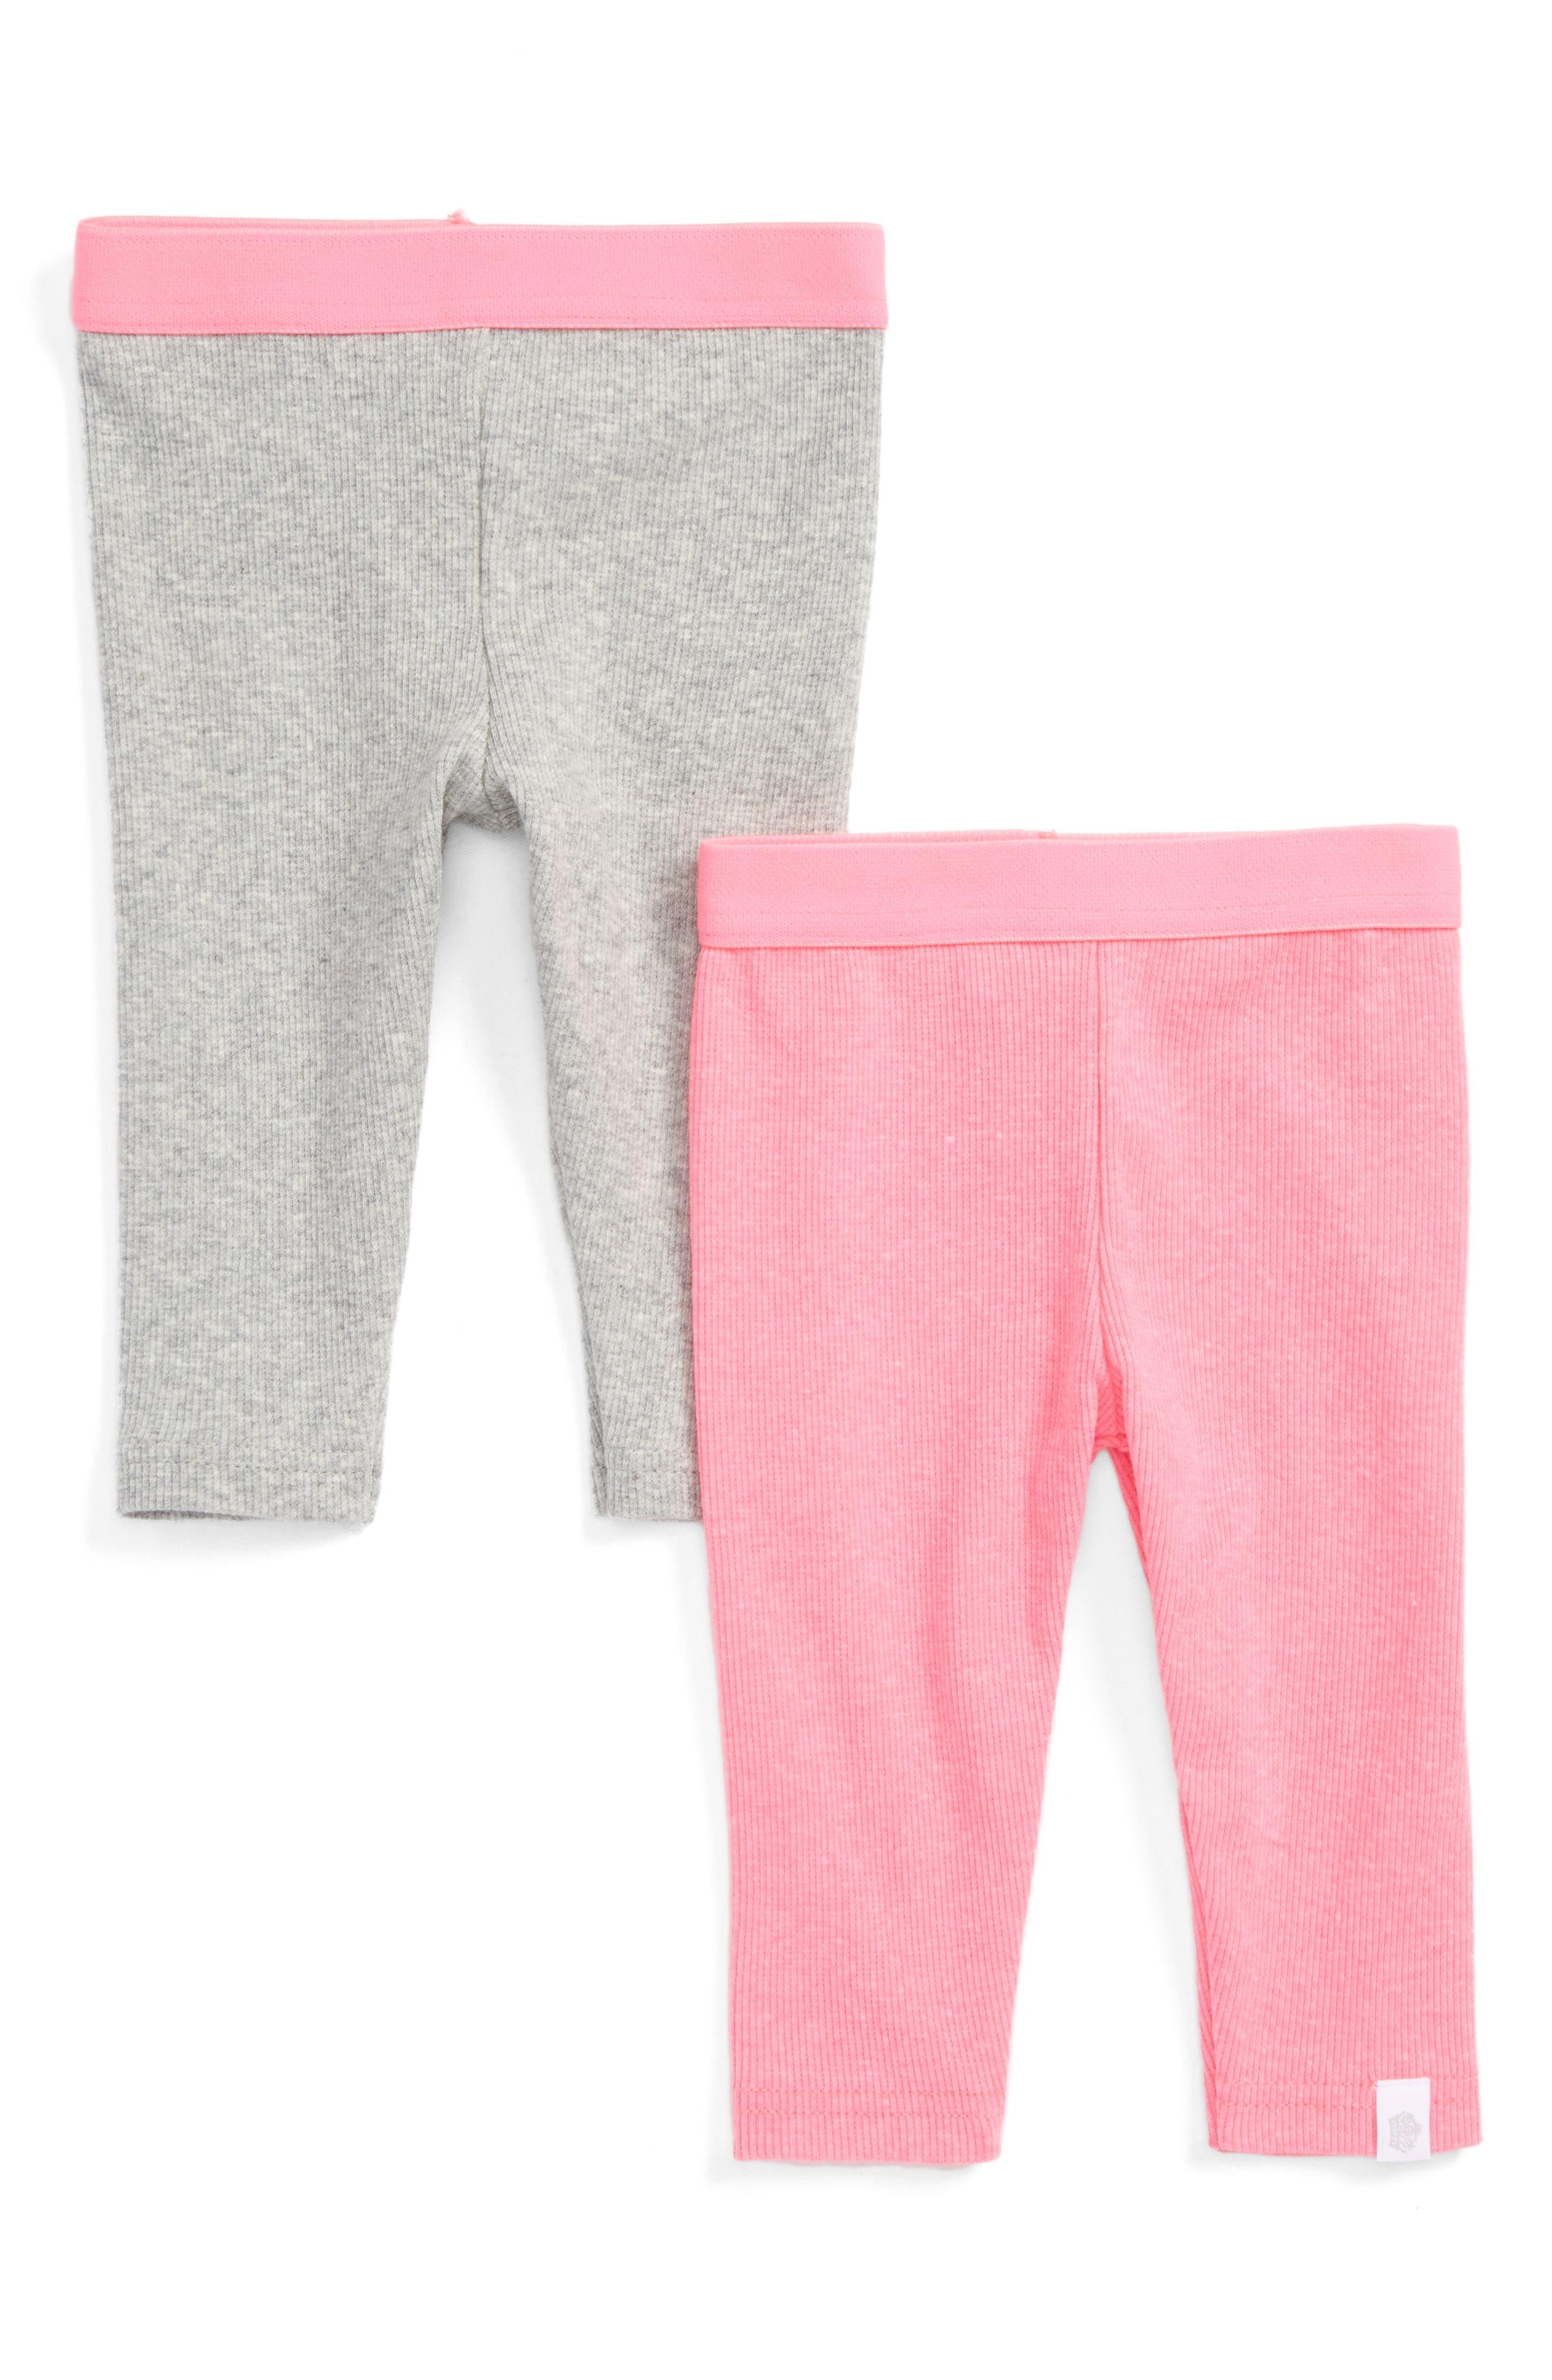 2-Pack Ribbed Leggings,                             Main thumbnail 1, color,                             Pink